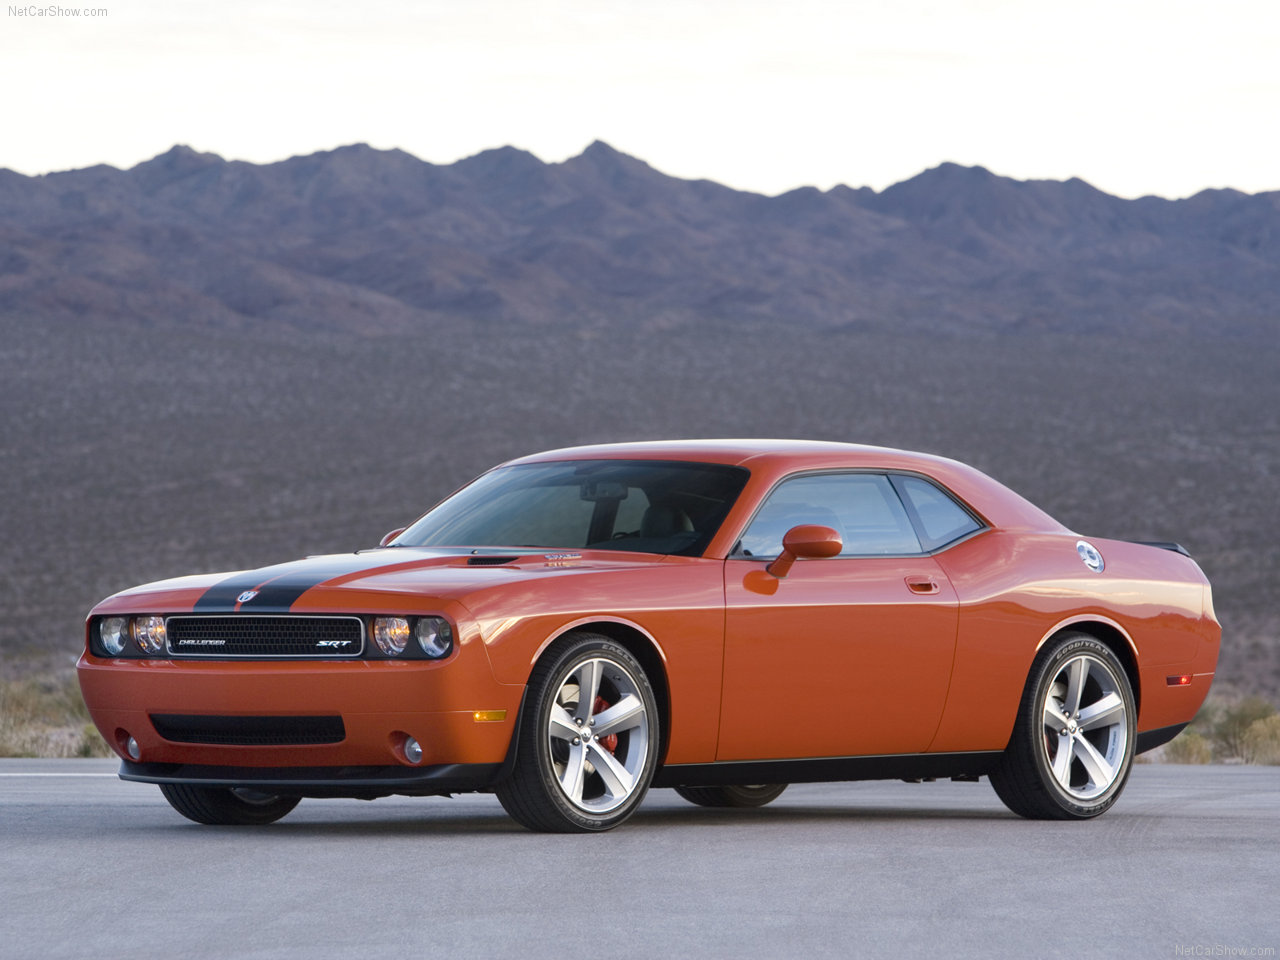 http://4.bp.blogspot.com/-sWm9QC6Cg-w/TWtzCXFZlII/AAAAAAAACIw/F6vkmQv3O9o/s1600/Dodge-Challenger_SRT8_2008_1280x960_wallpaper_09.jpg